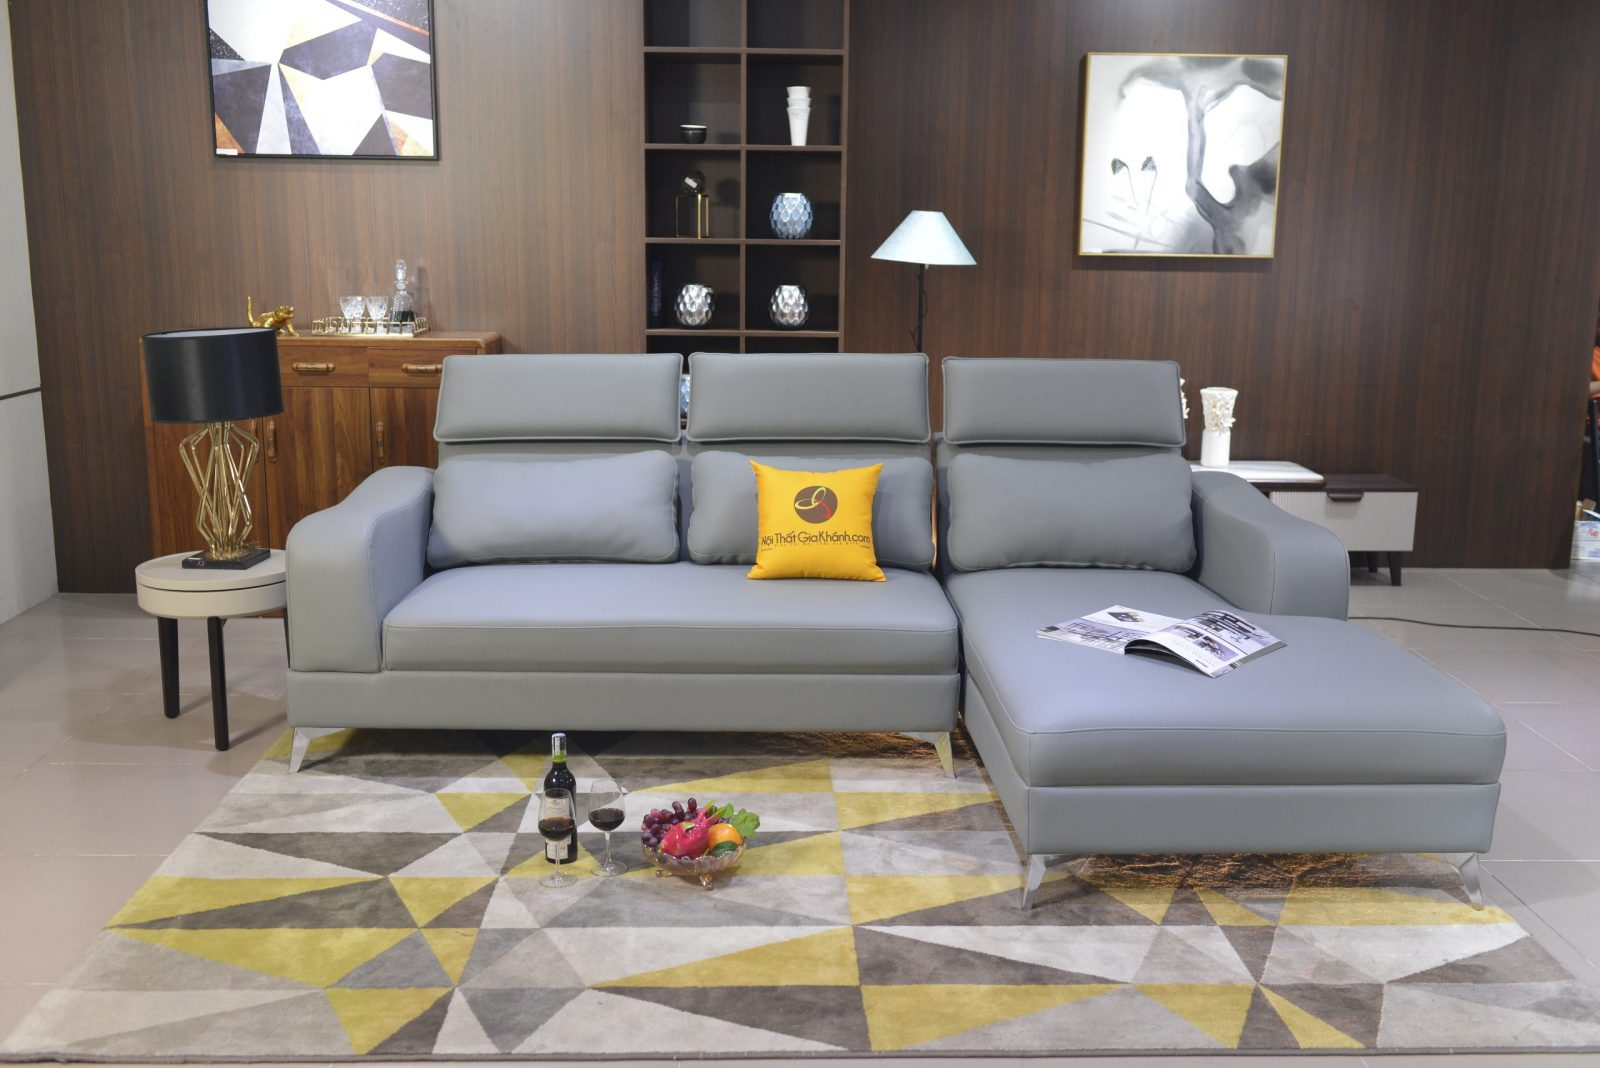 Sofa Da 2 Băng Góc Trái Cho Phòng Khách St0820-2-G1